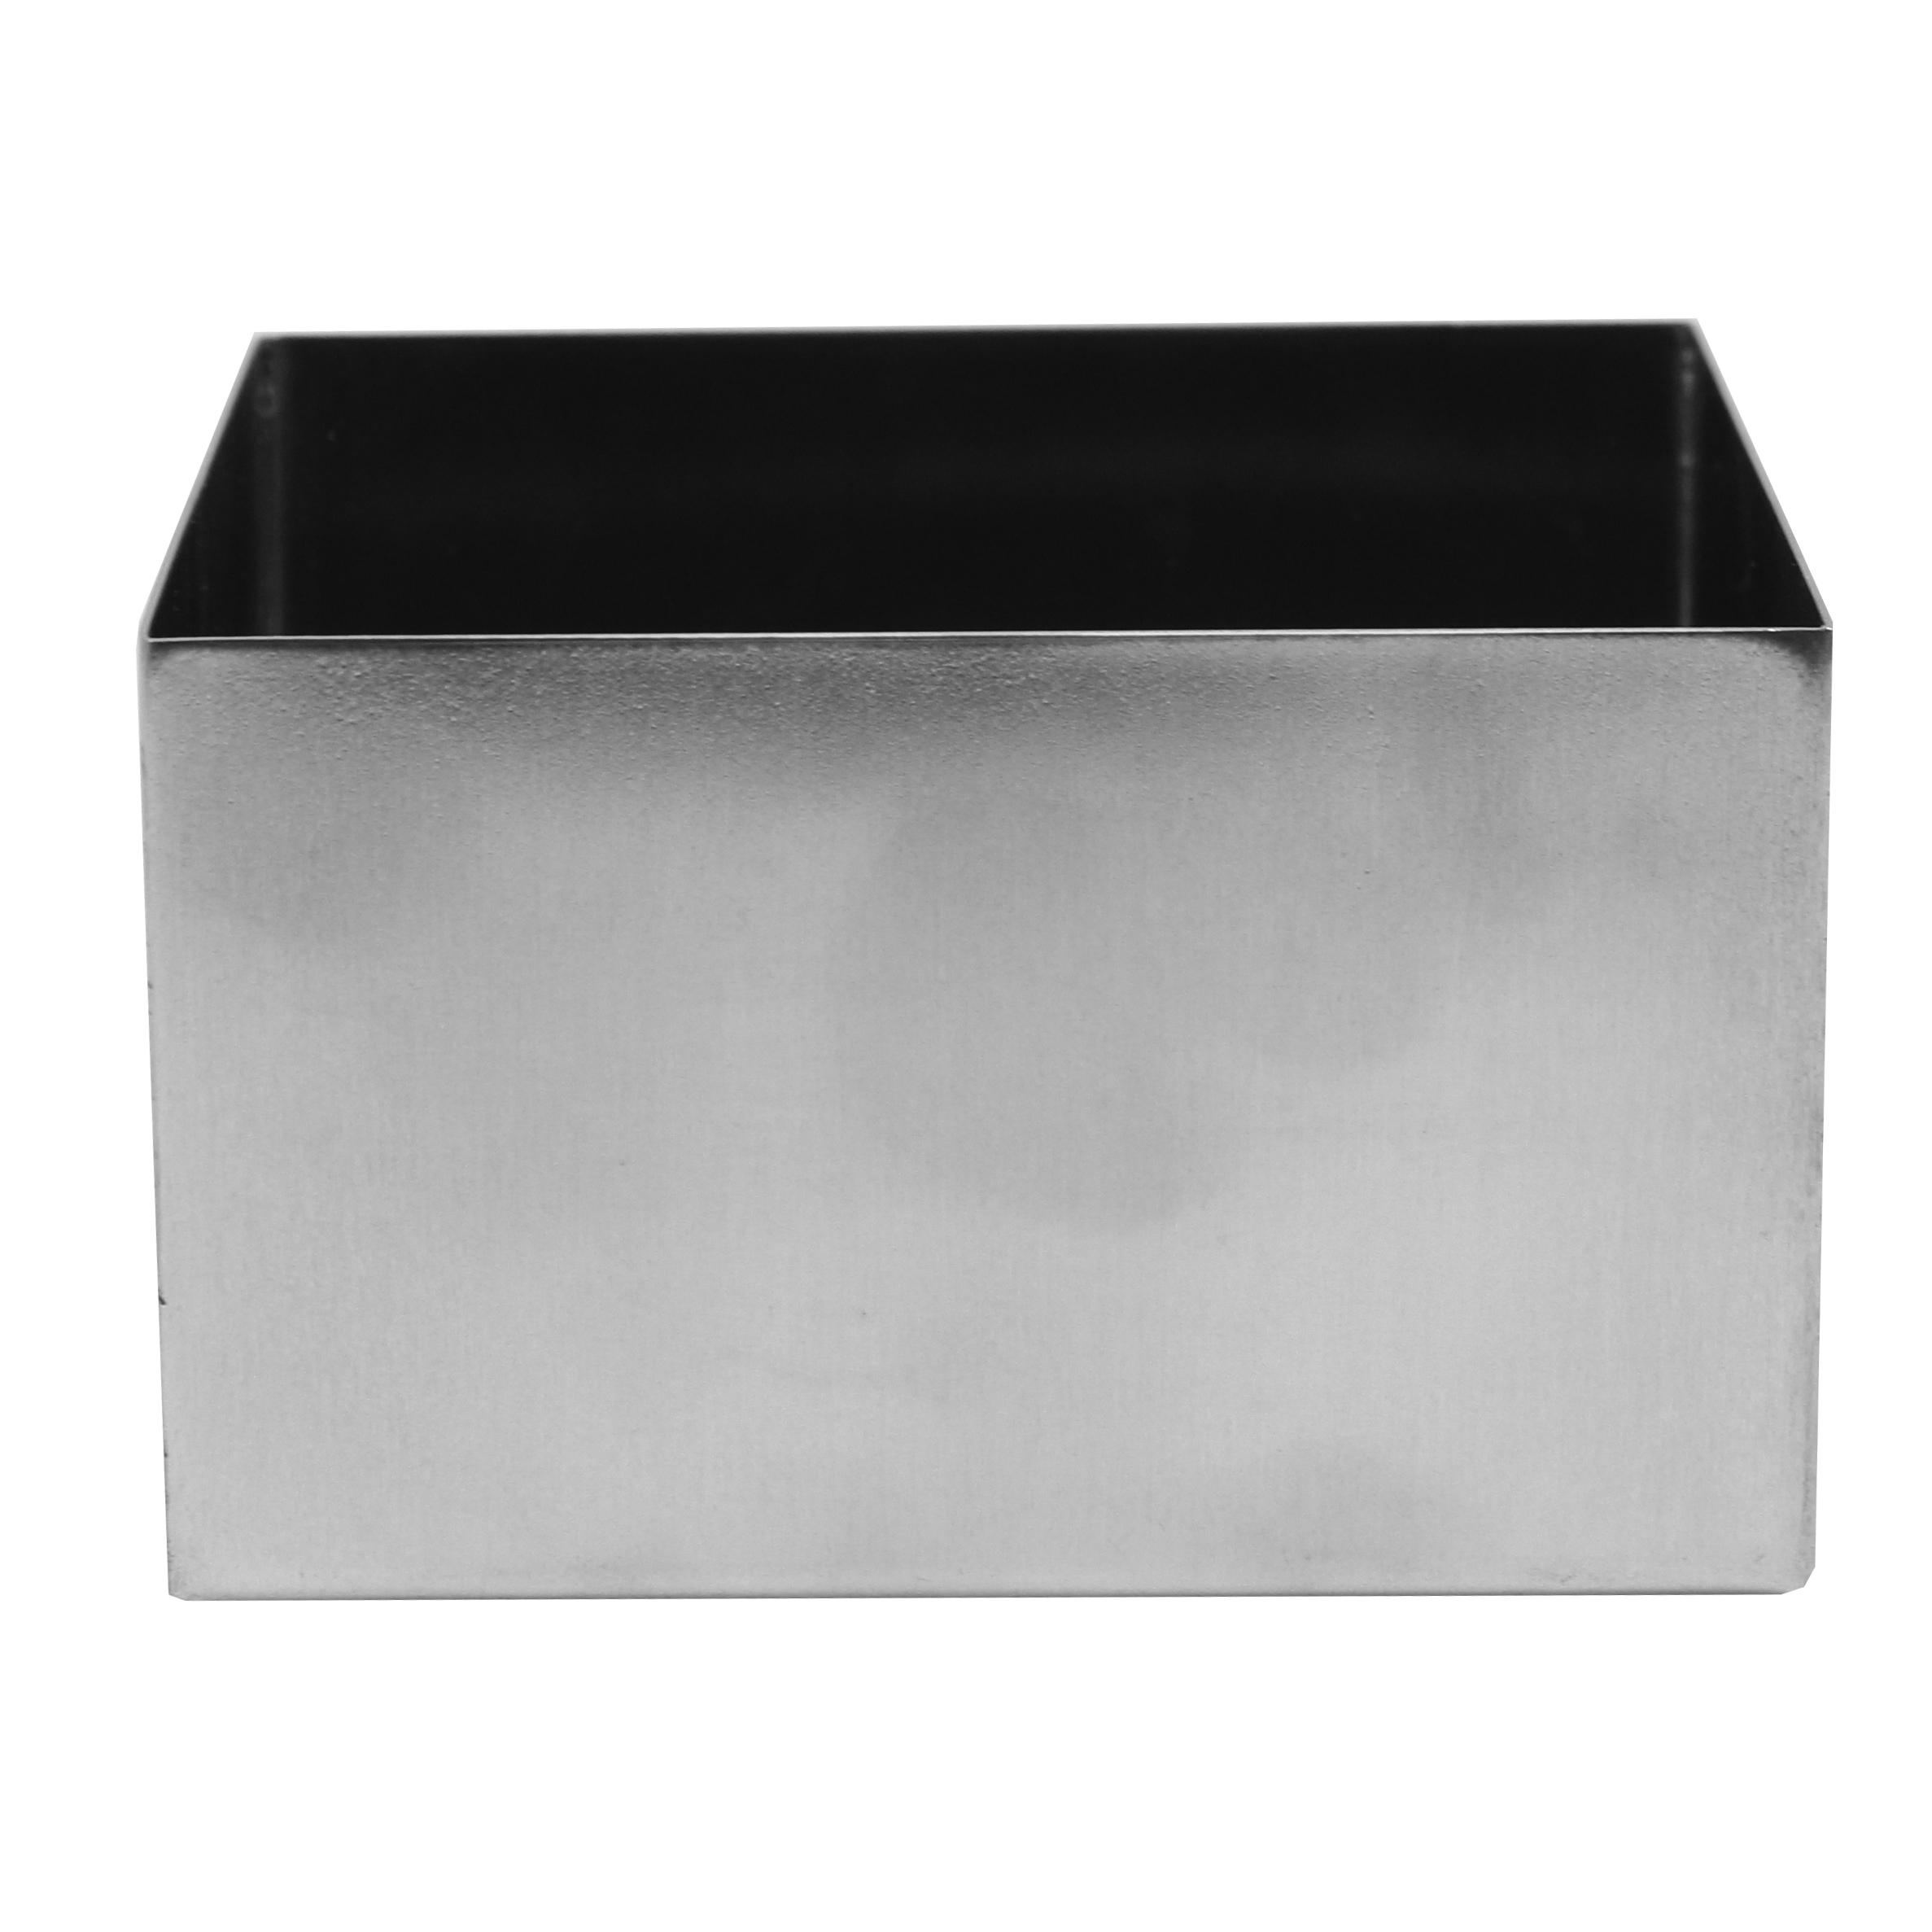 TableCraft Products SS4024 bowl, metal,  1 - 2 qt (32 - 95 oz)